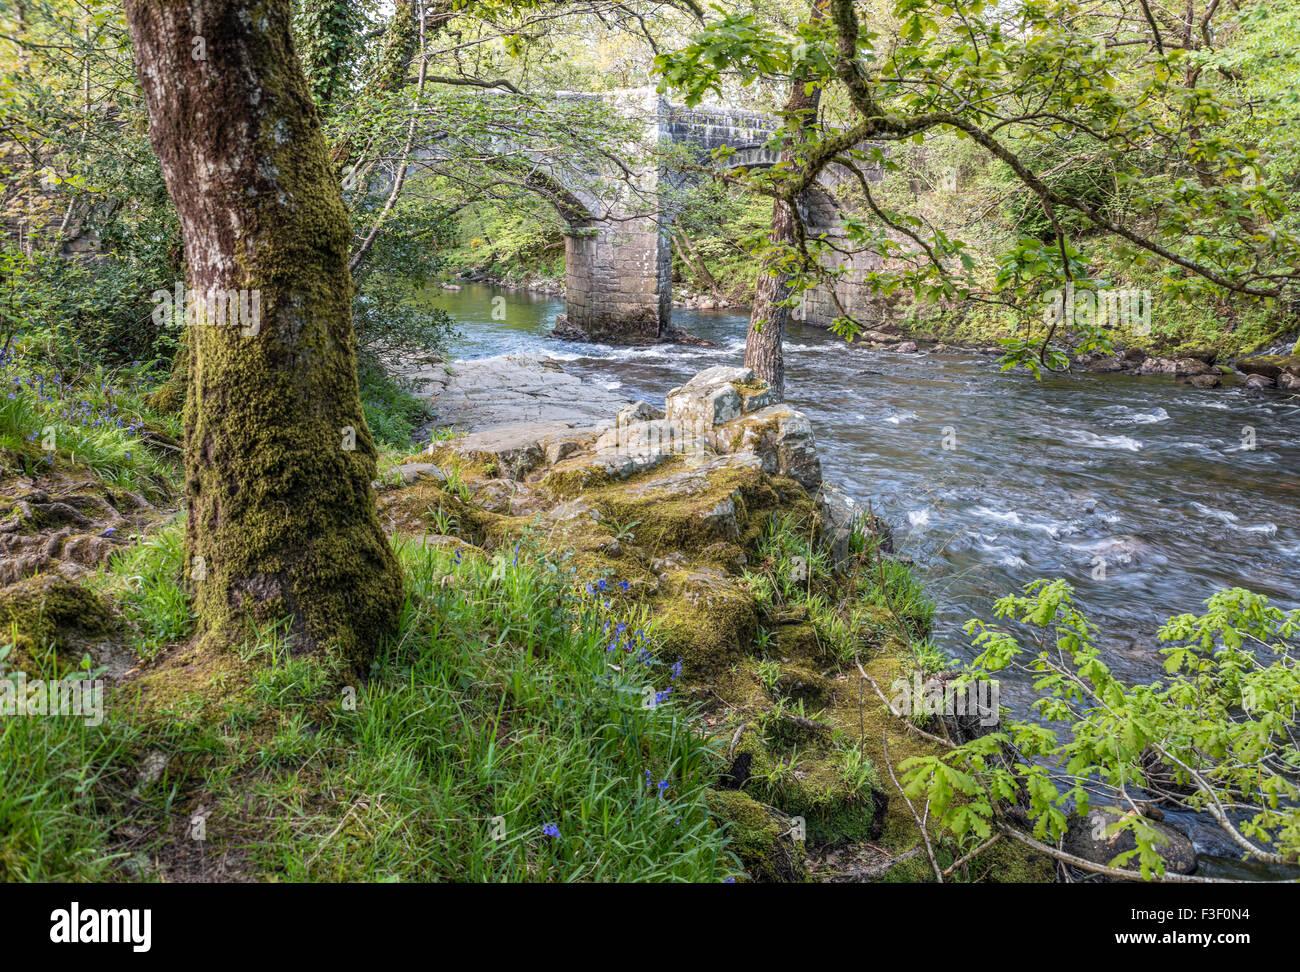 Riverside Eichenwald im Dartmoor National Park, Devon, England, UK | Landschaft Im Nationalpark Dartmoor, Devon, Stockbild